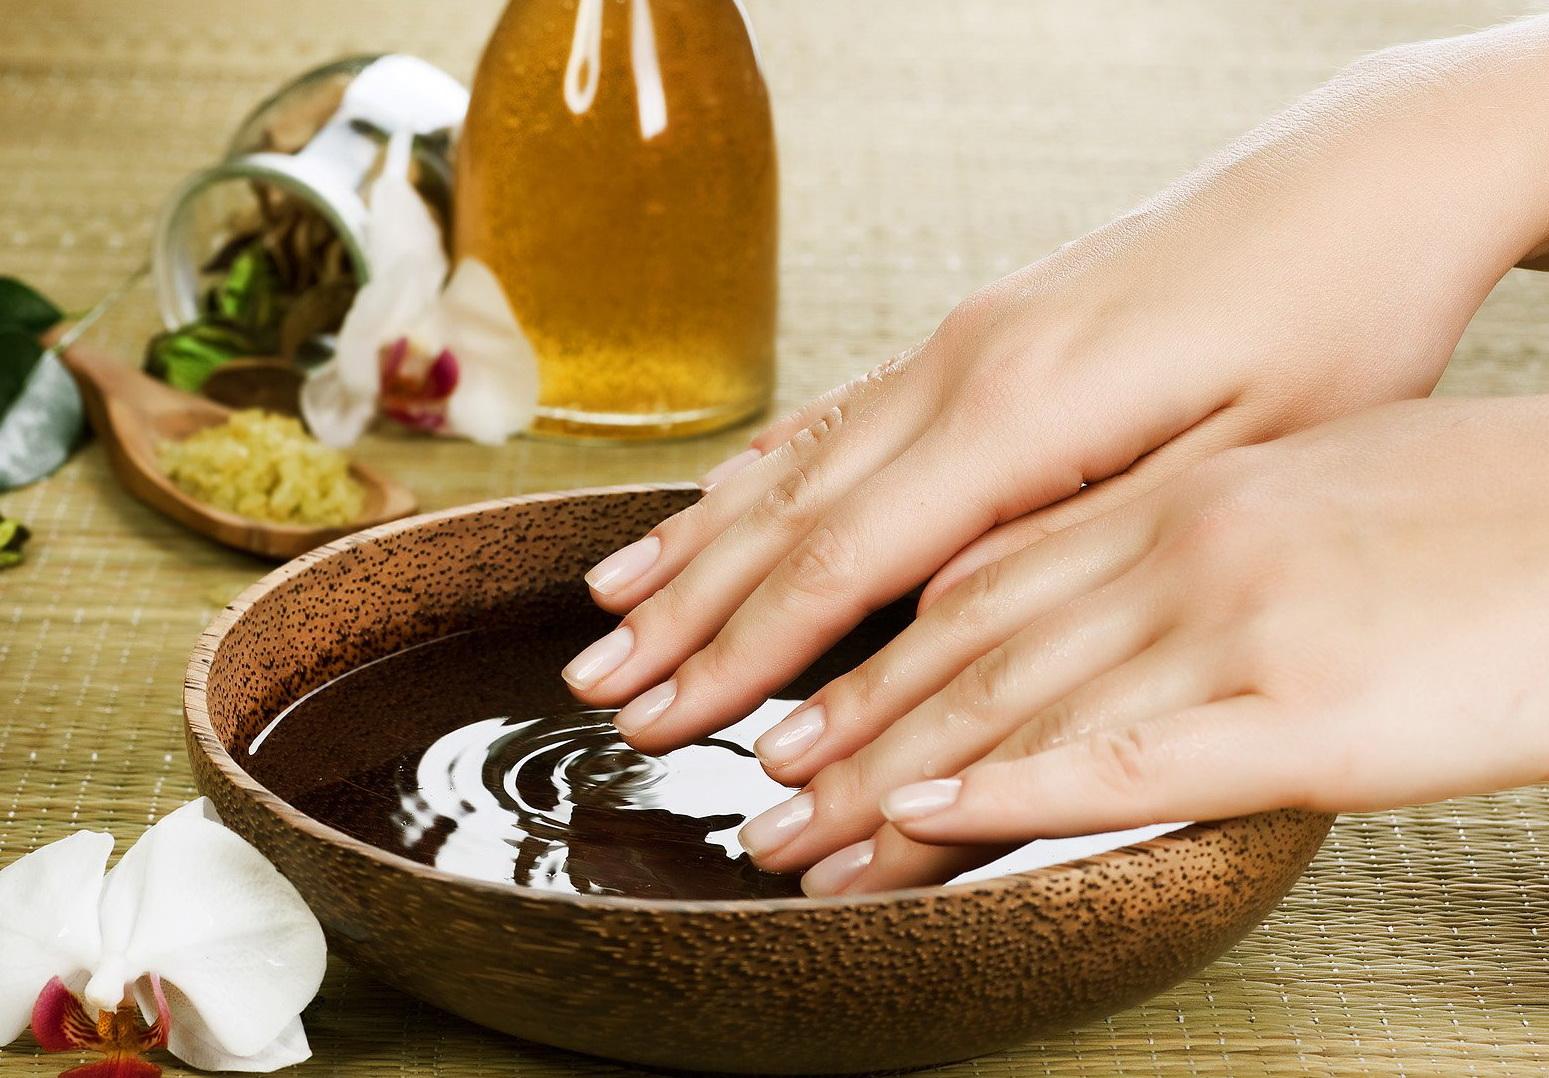 Обязательно делайте ванночки для рук, добавив пару ложек соли и несколько капель эфирного масла